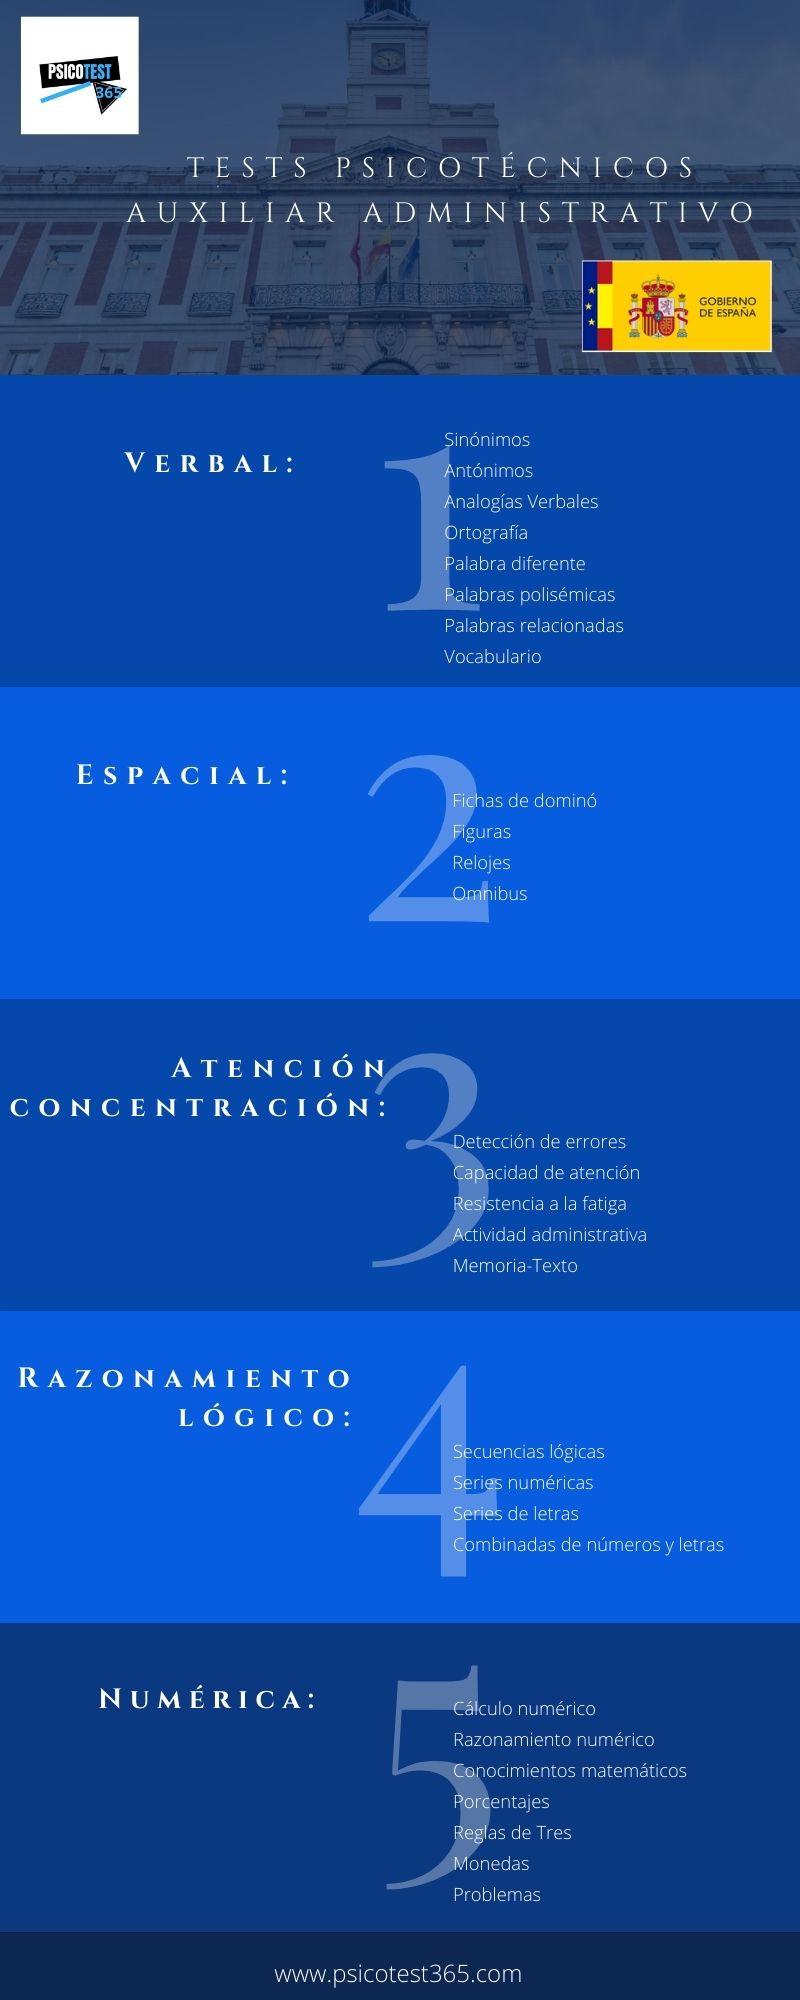 infografía psicotécnicos auxiliar administrativo estado